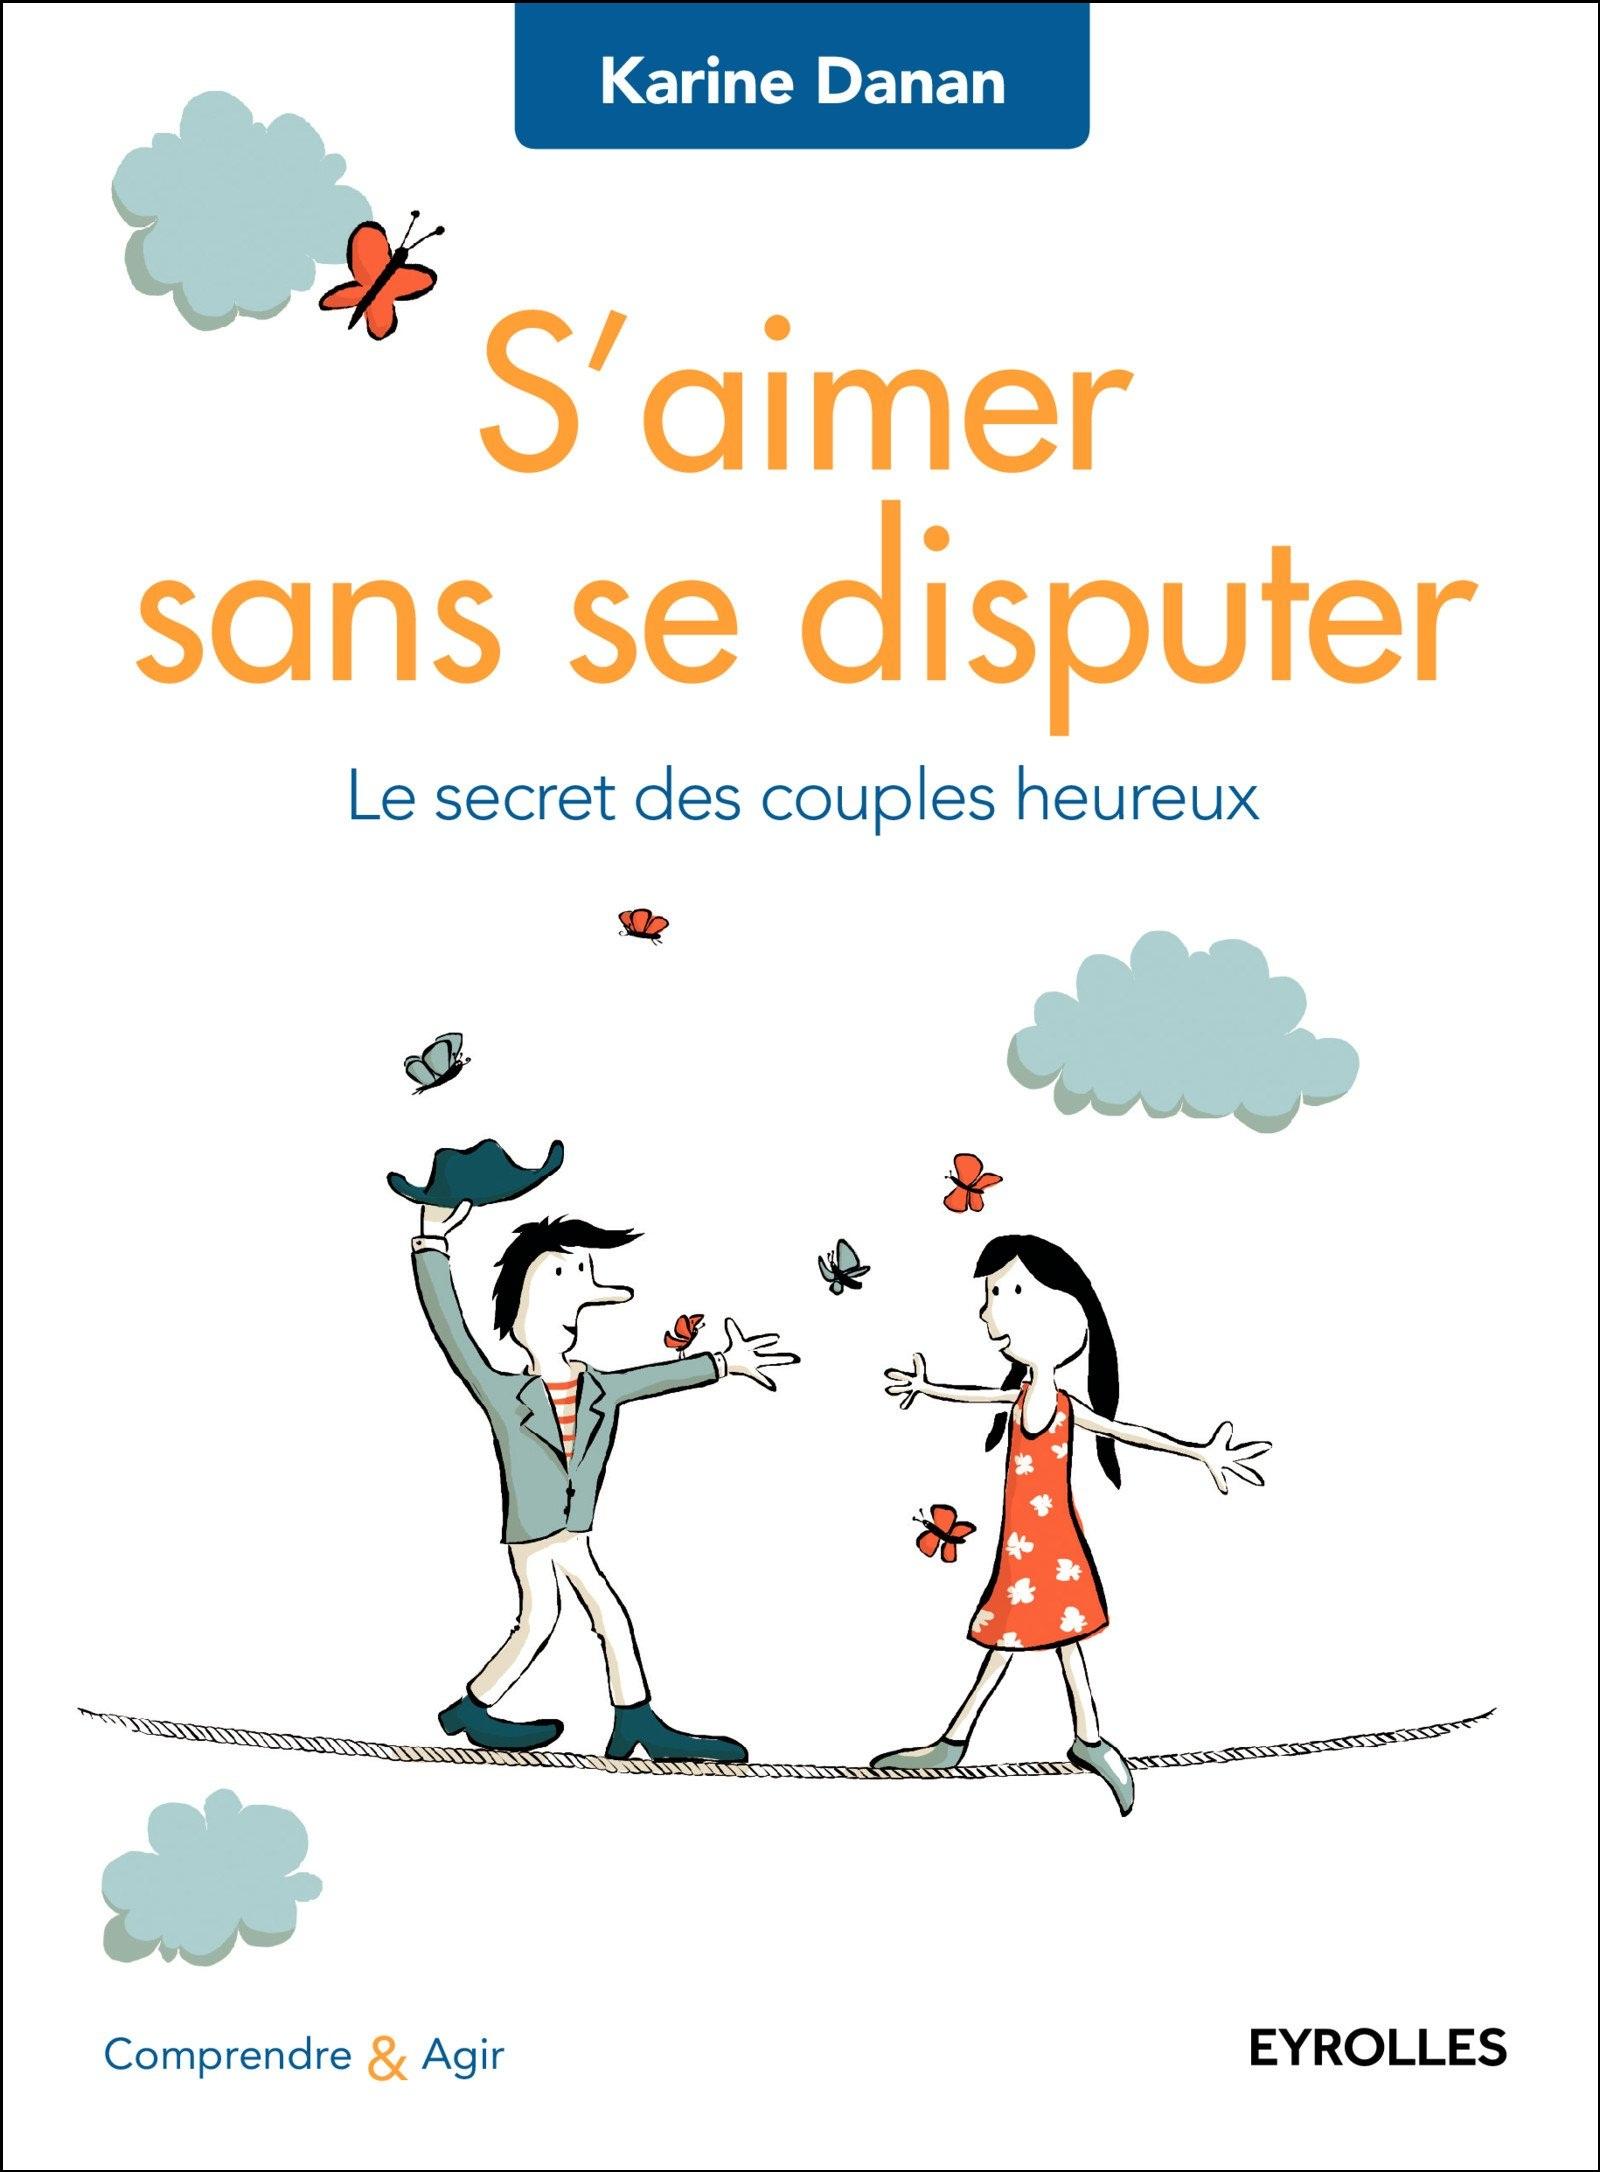 S'aimer sans se disputer : Le secret des couples heureux